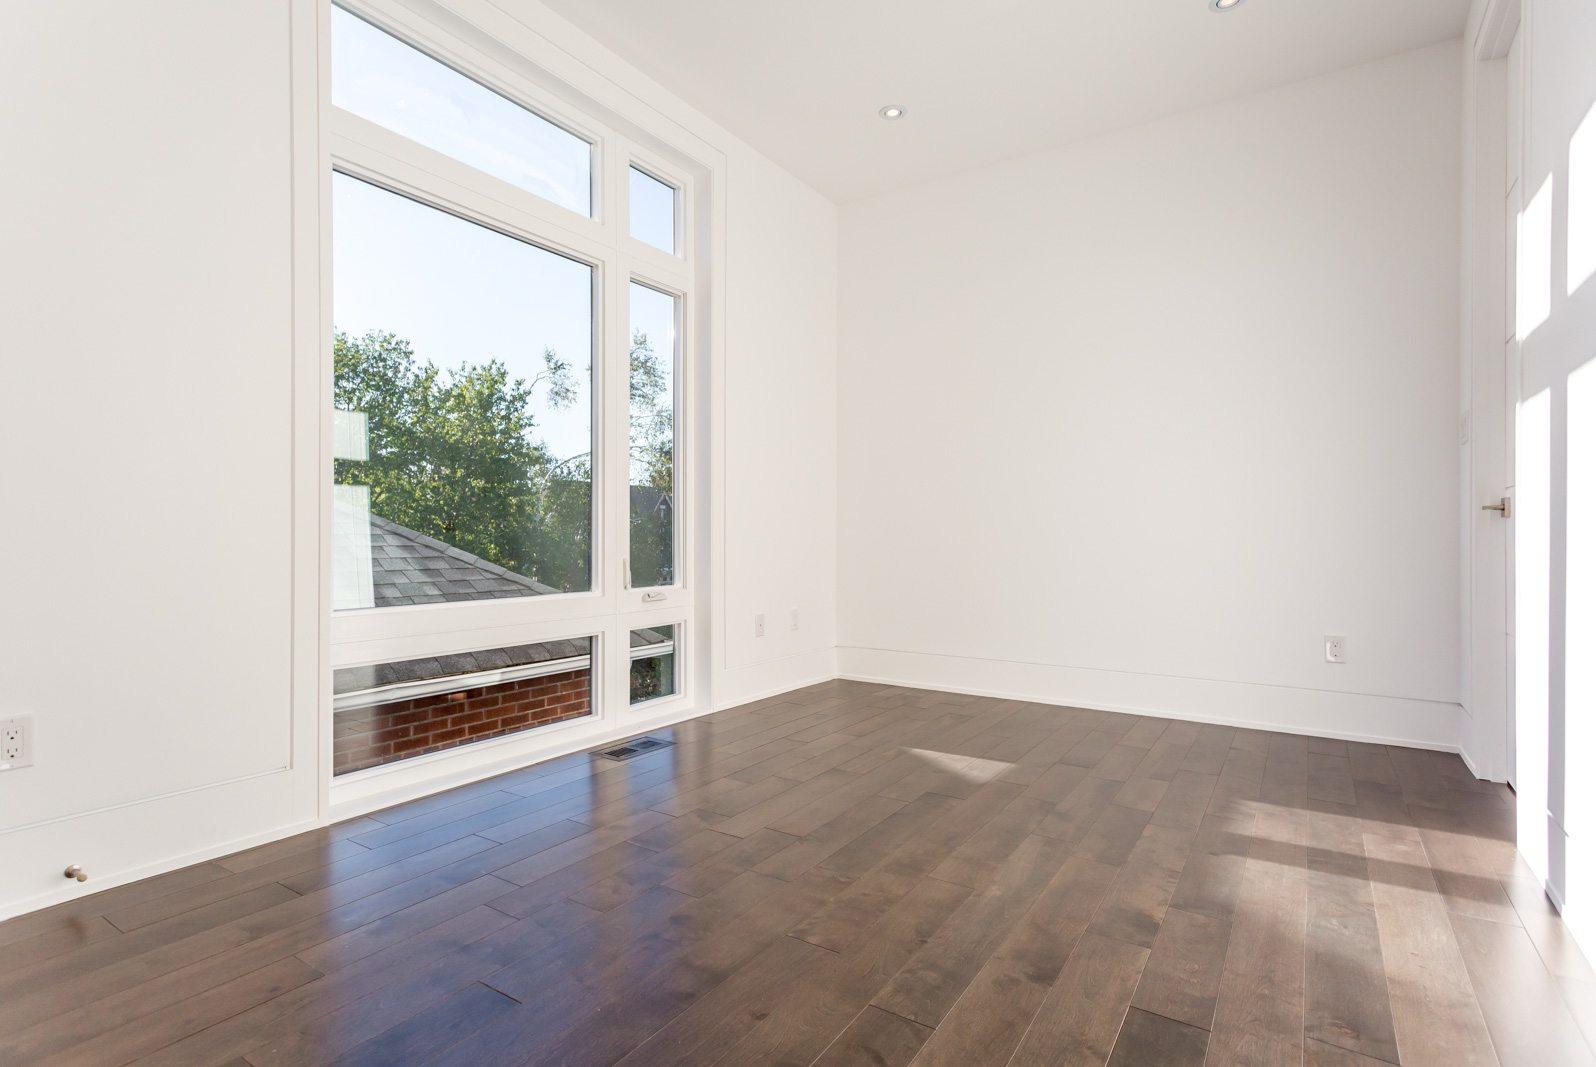 toronto-house-for-sale-118-brooke-avenue-11